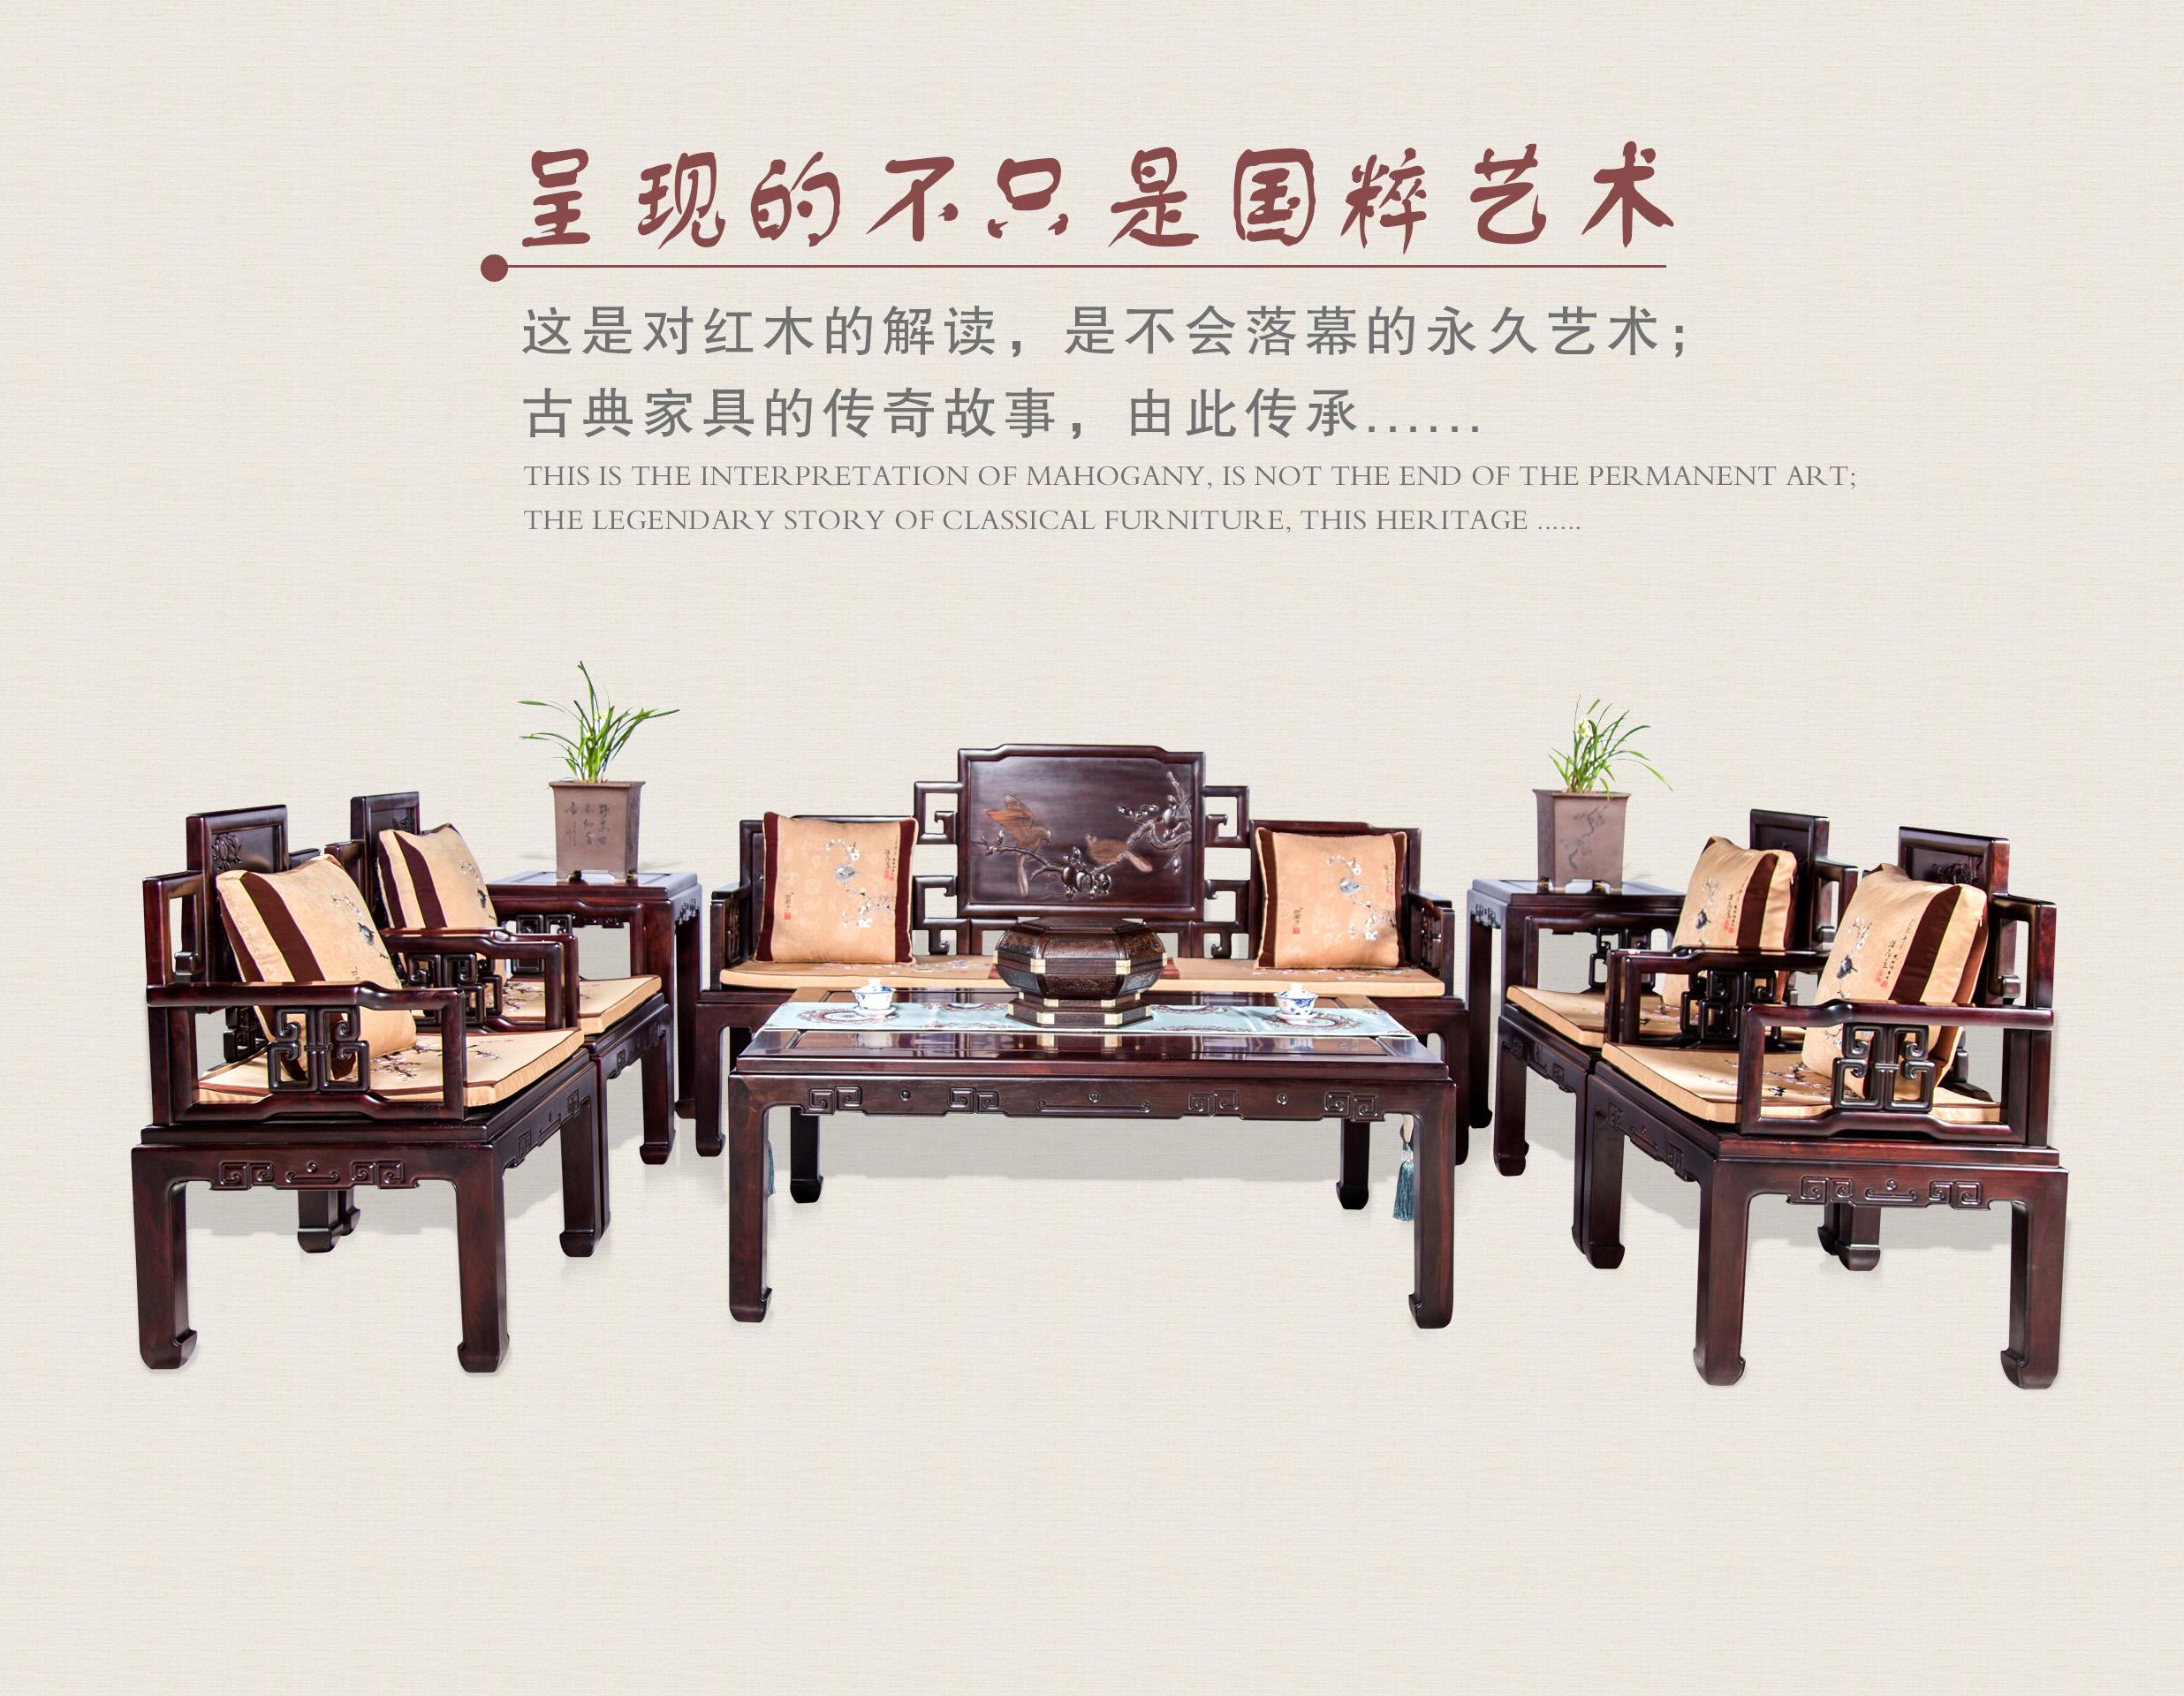 明式沙发八件套_13副本.jpg